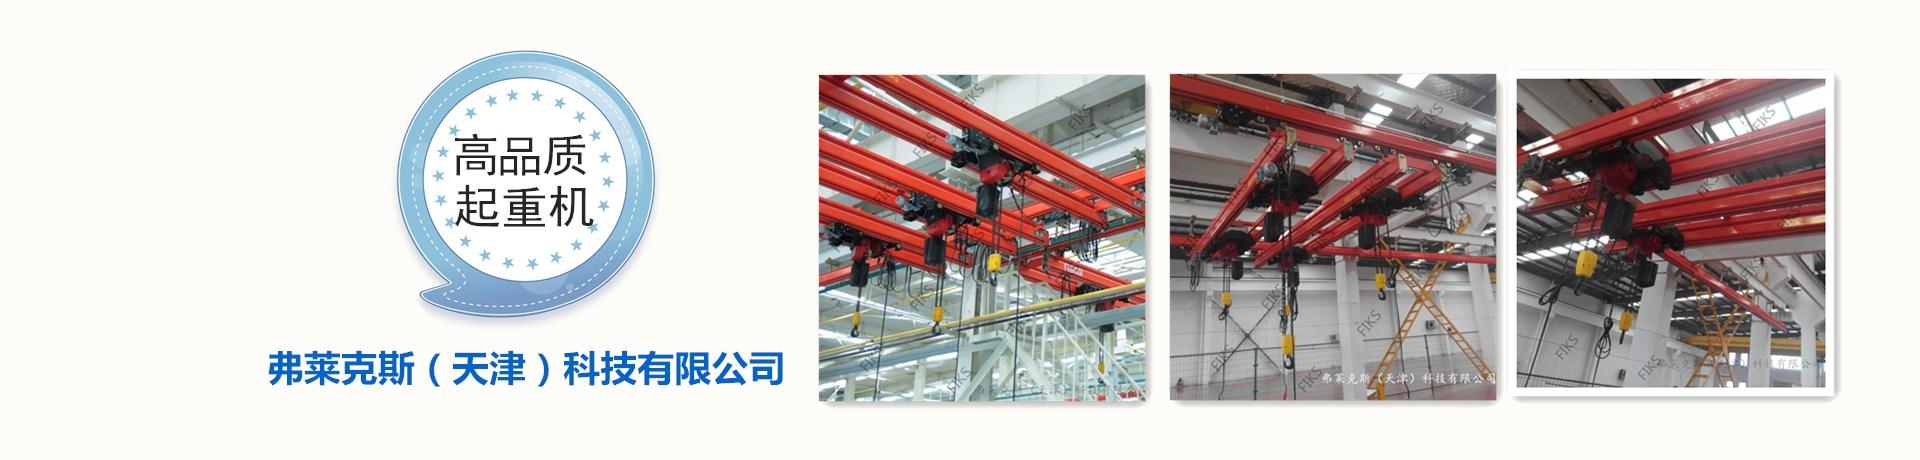 弗莱克斯(天津)科技有限公司